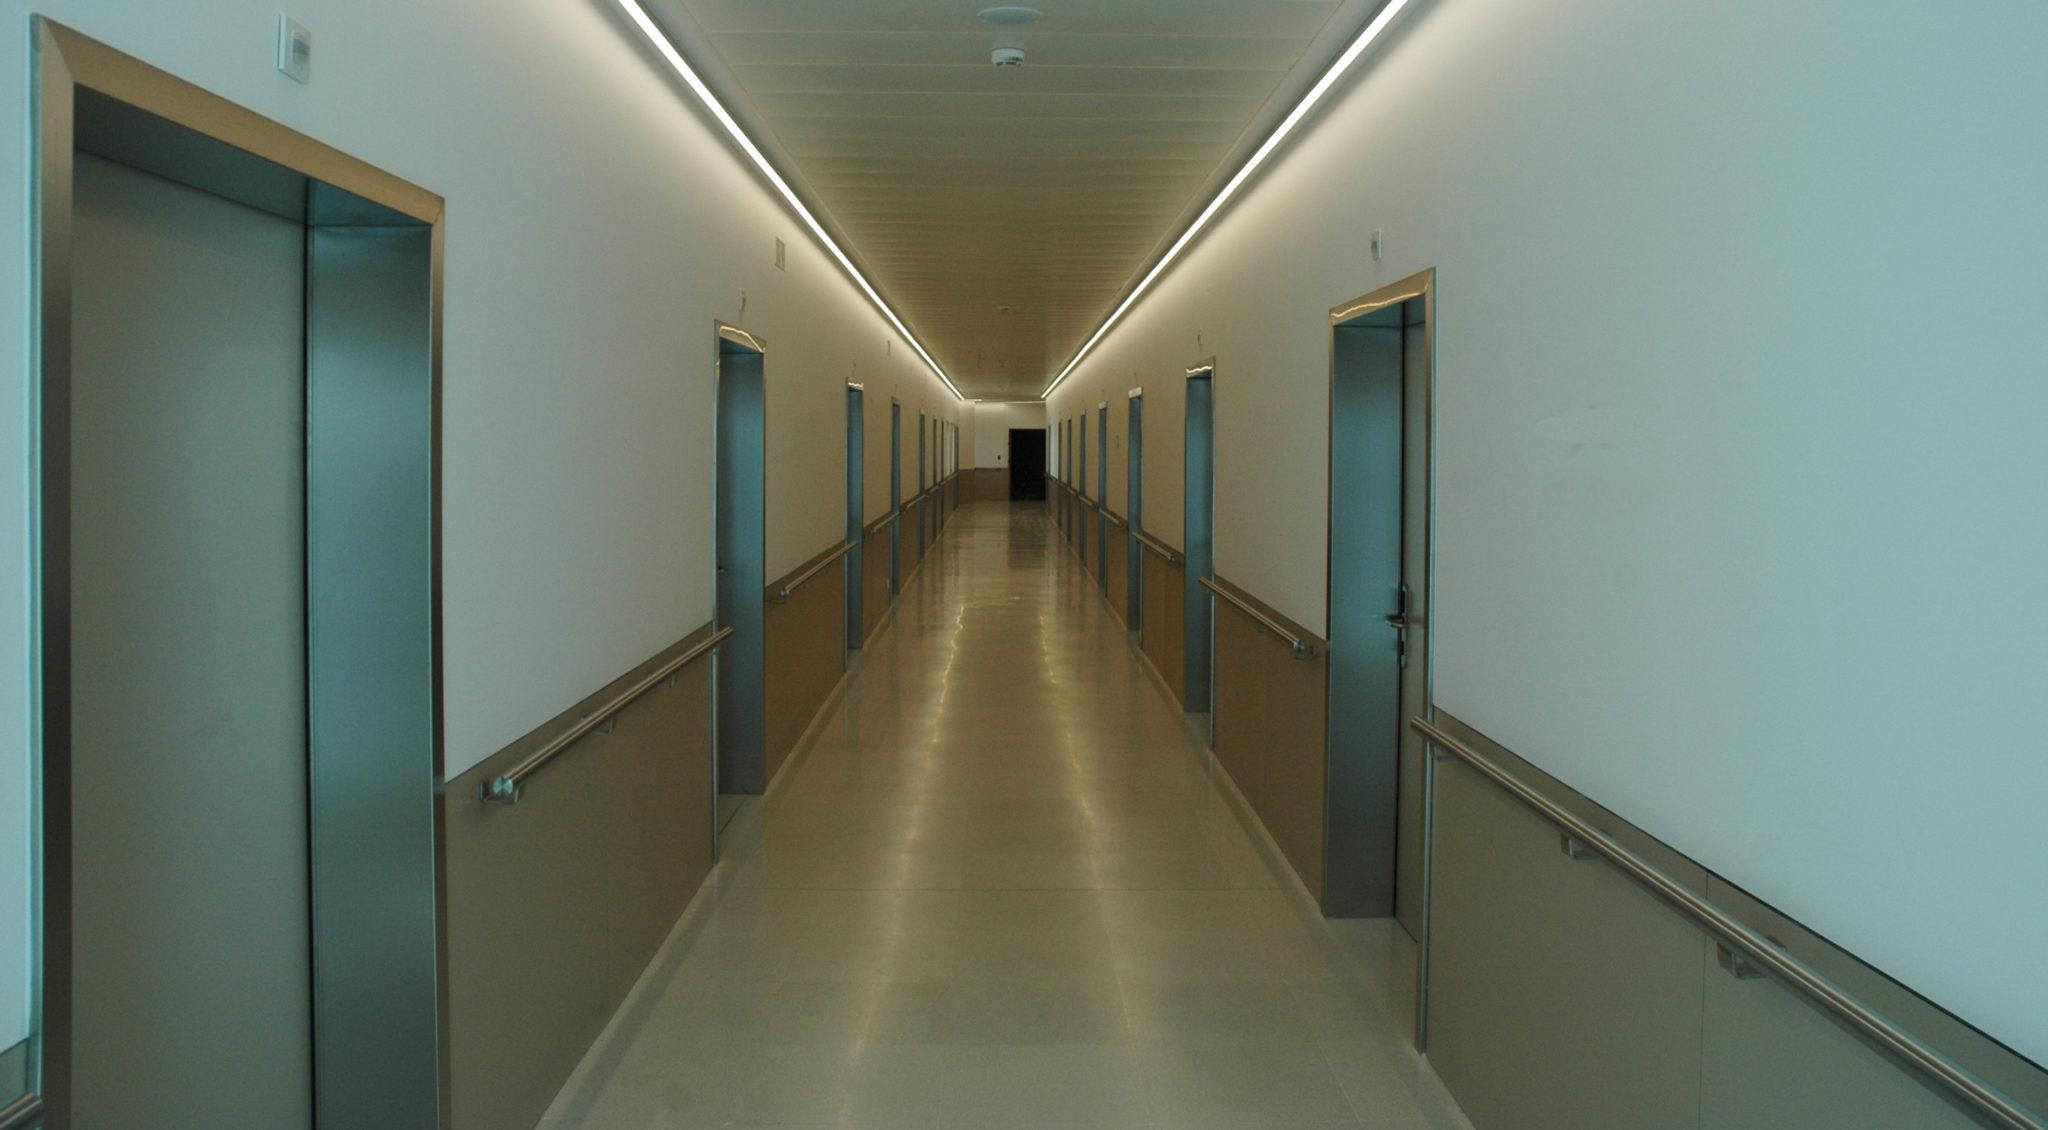 Pasillo de la Nueva enfermería